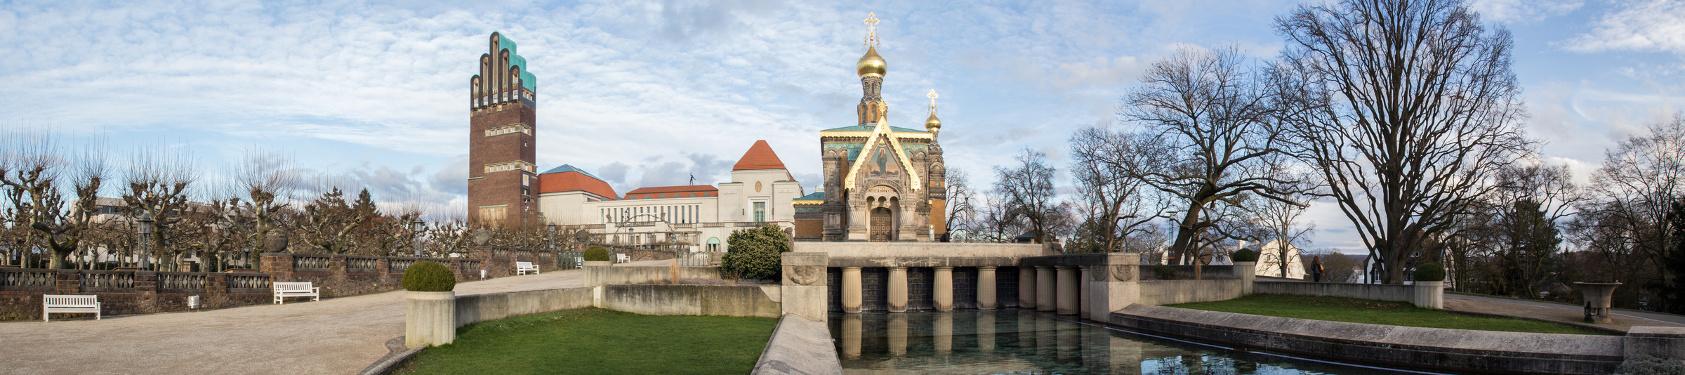 Bild von Darmstadt